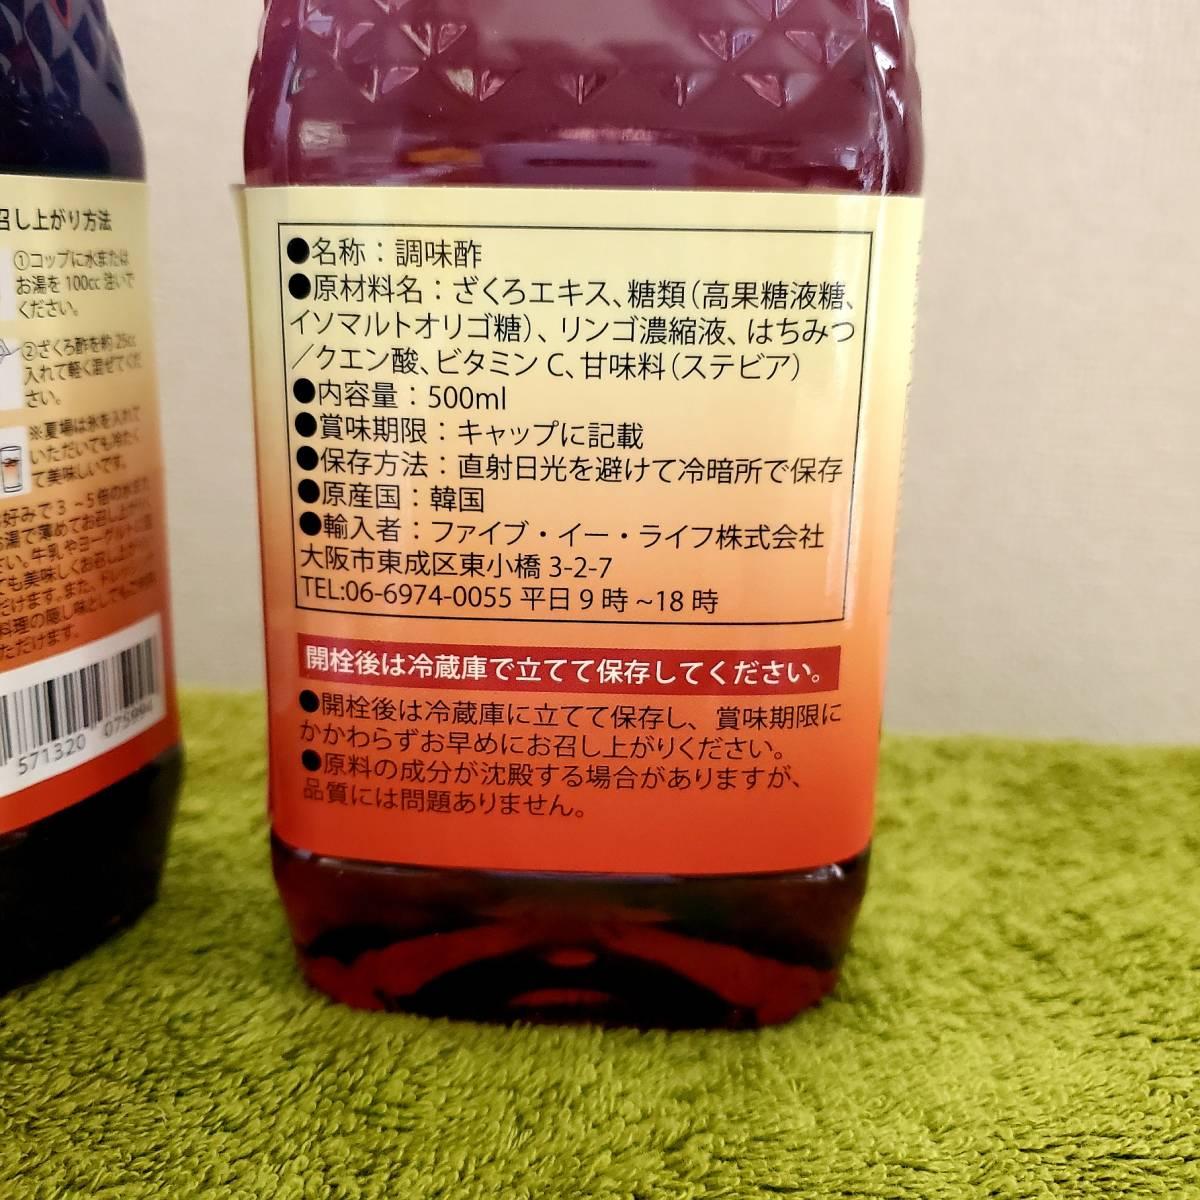 大人気 J.ノリツグ 美味しい発酵酢 ざくろプレミアム 4本セット ザクロ酢 柘榴酢 発酵食品 ビタミンC ポリフェノール オリゴ糖_画像3